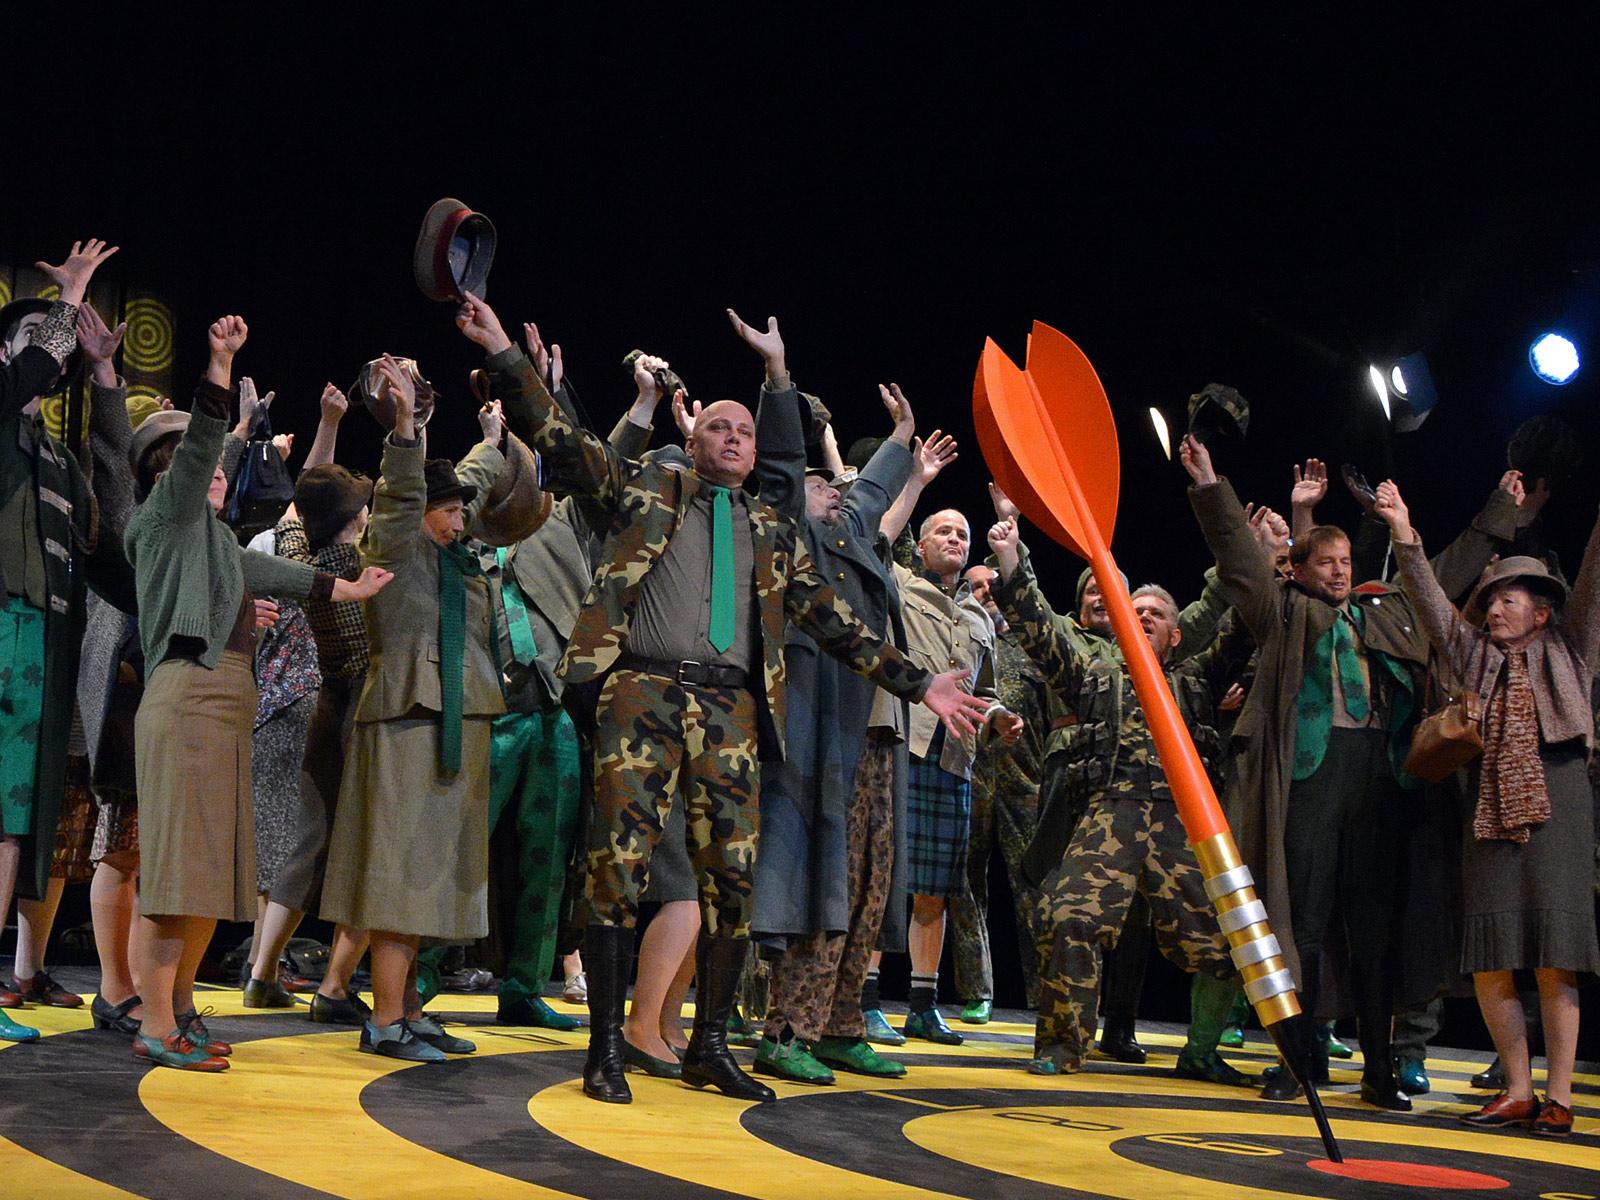 La Fille du Regiment-Die Regimentstochter-Kostuembildner-Bernhard Duss-Costuemdesign-Kostuembild-Oper-Ausstattung